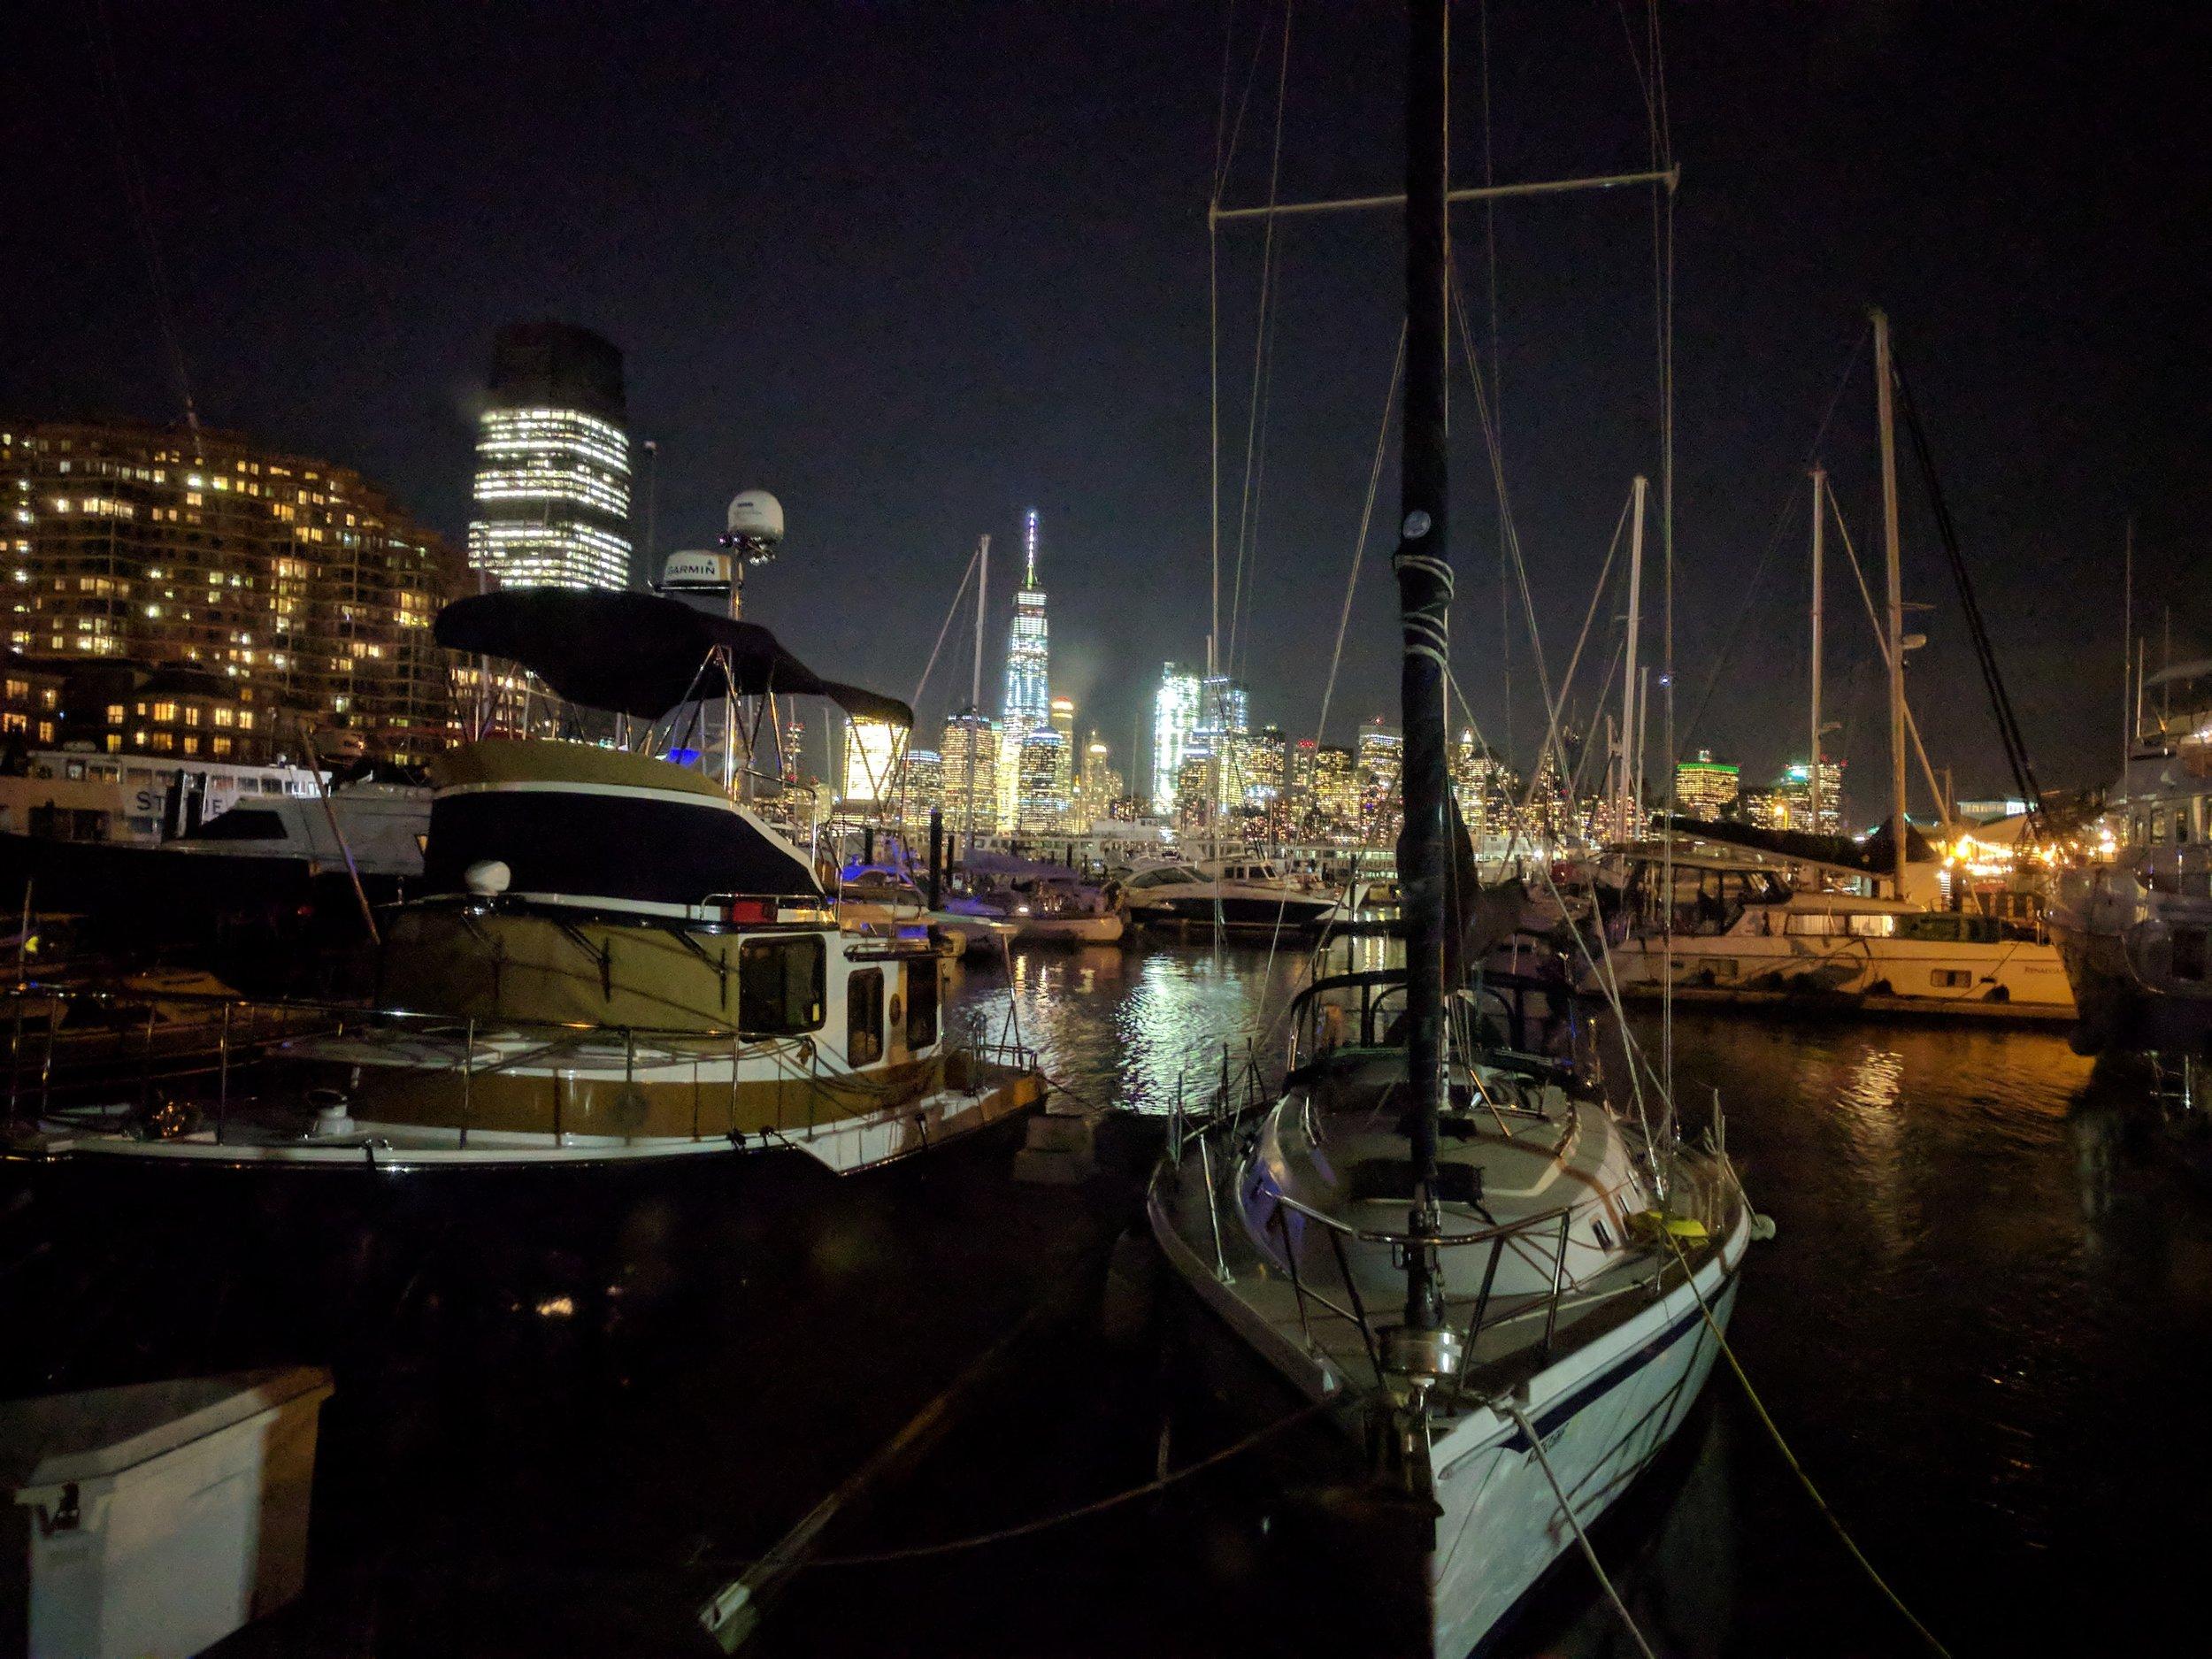 NY city skyline at night.